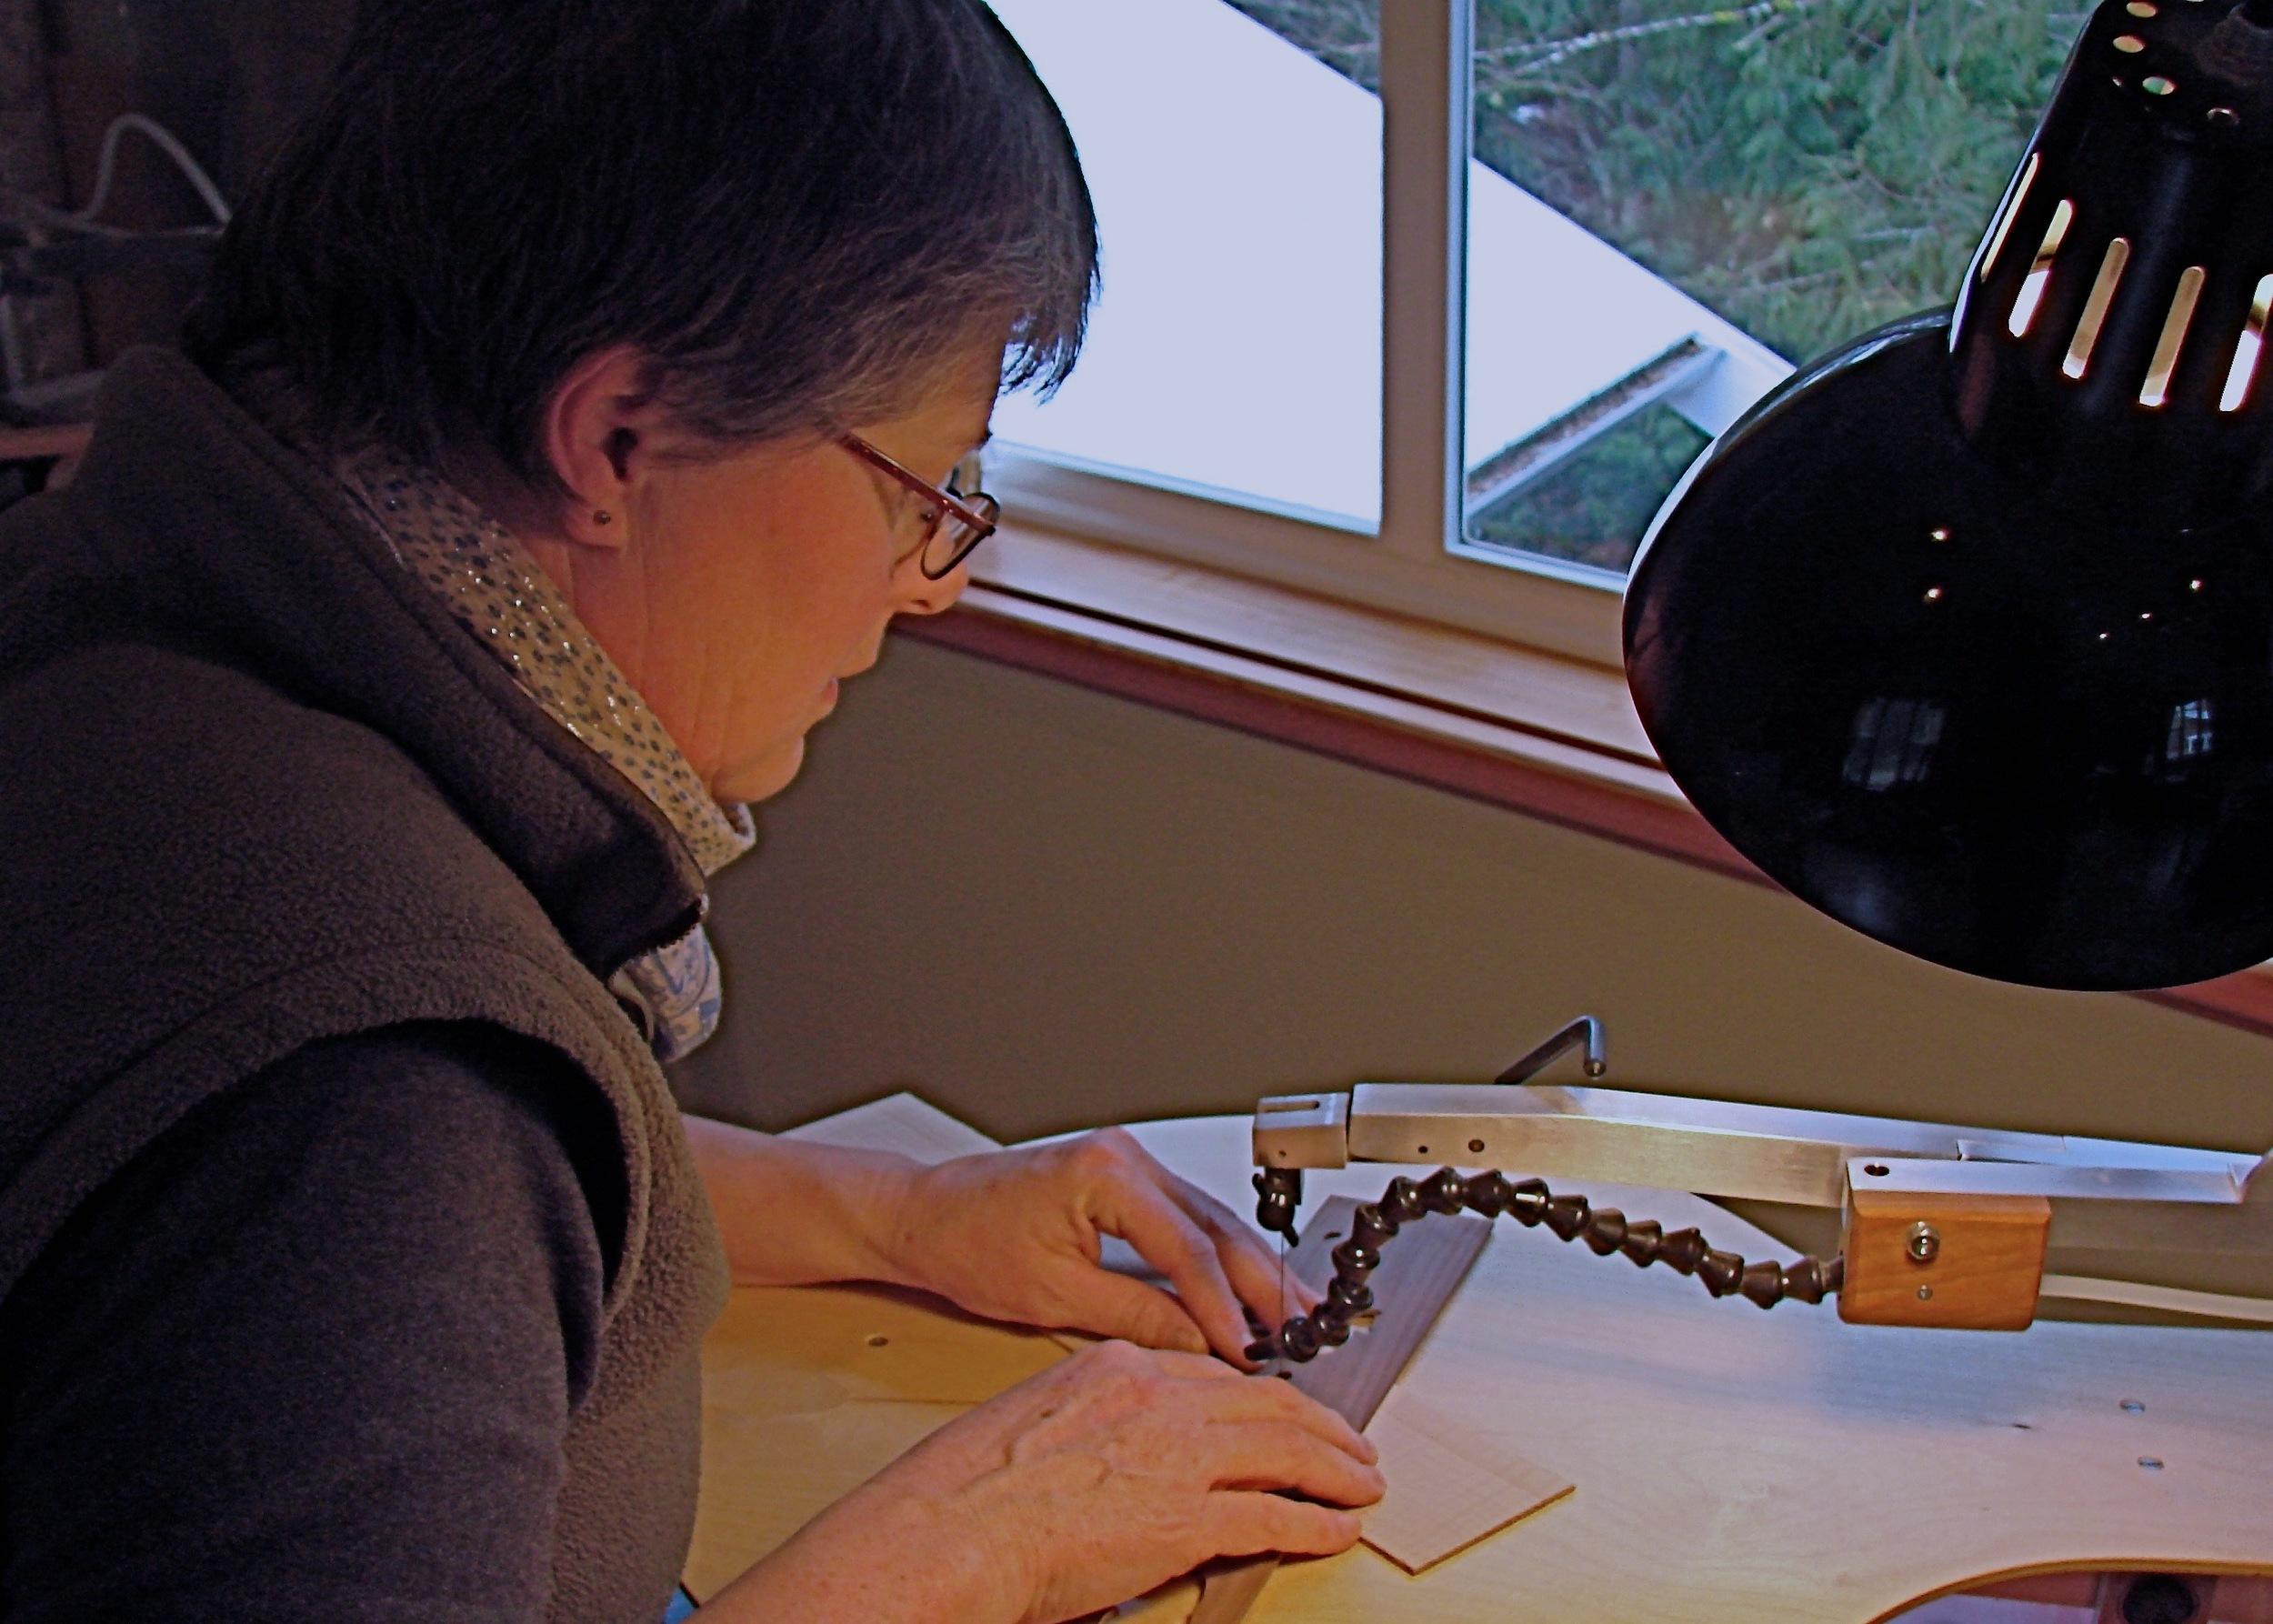 Karen sawing.jpg